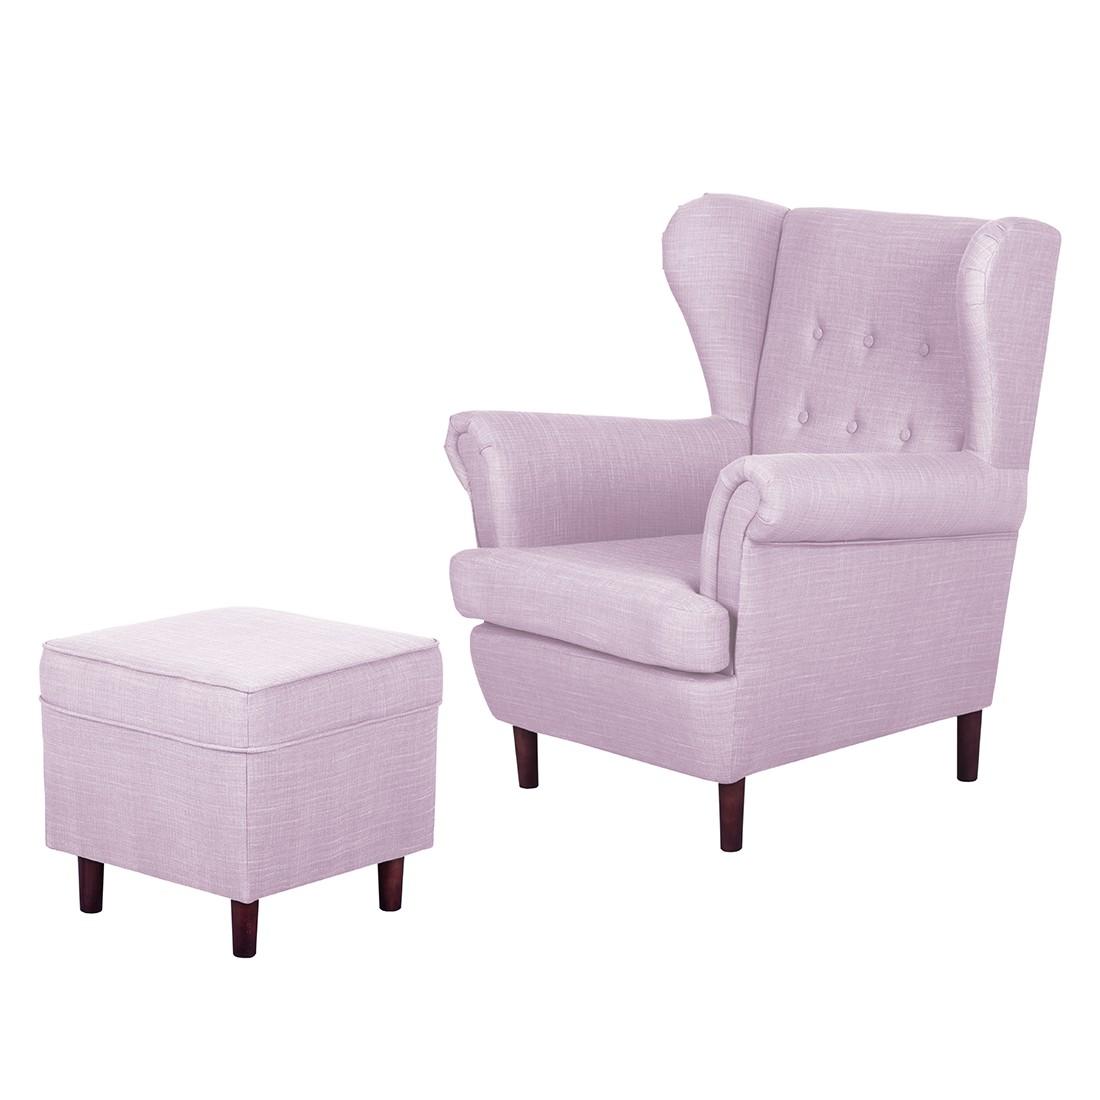 ohrensessel mit hocker preisvergleiche. Black Bedroom Furniture Sets. Home Design Ideas